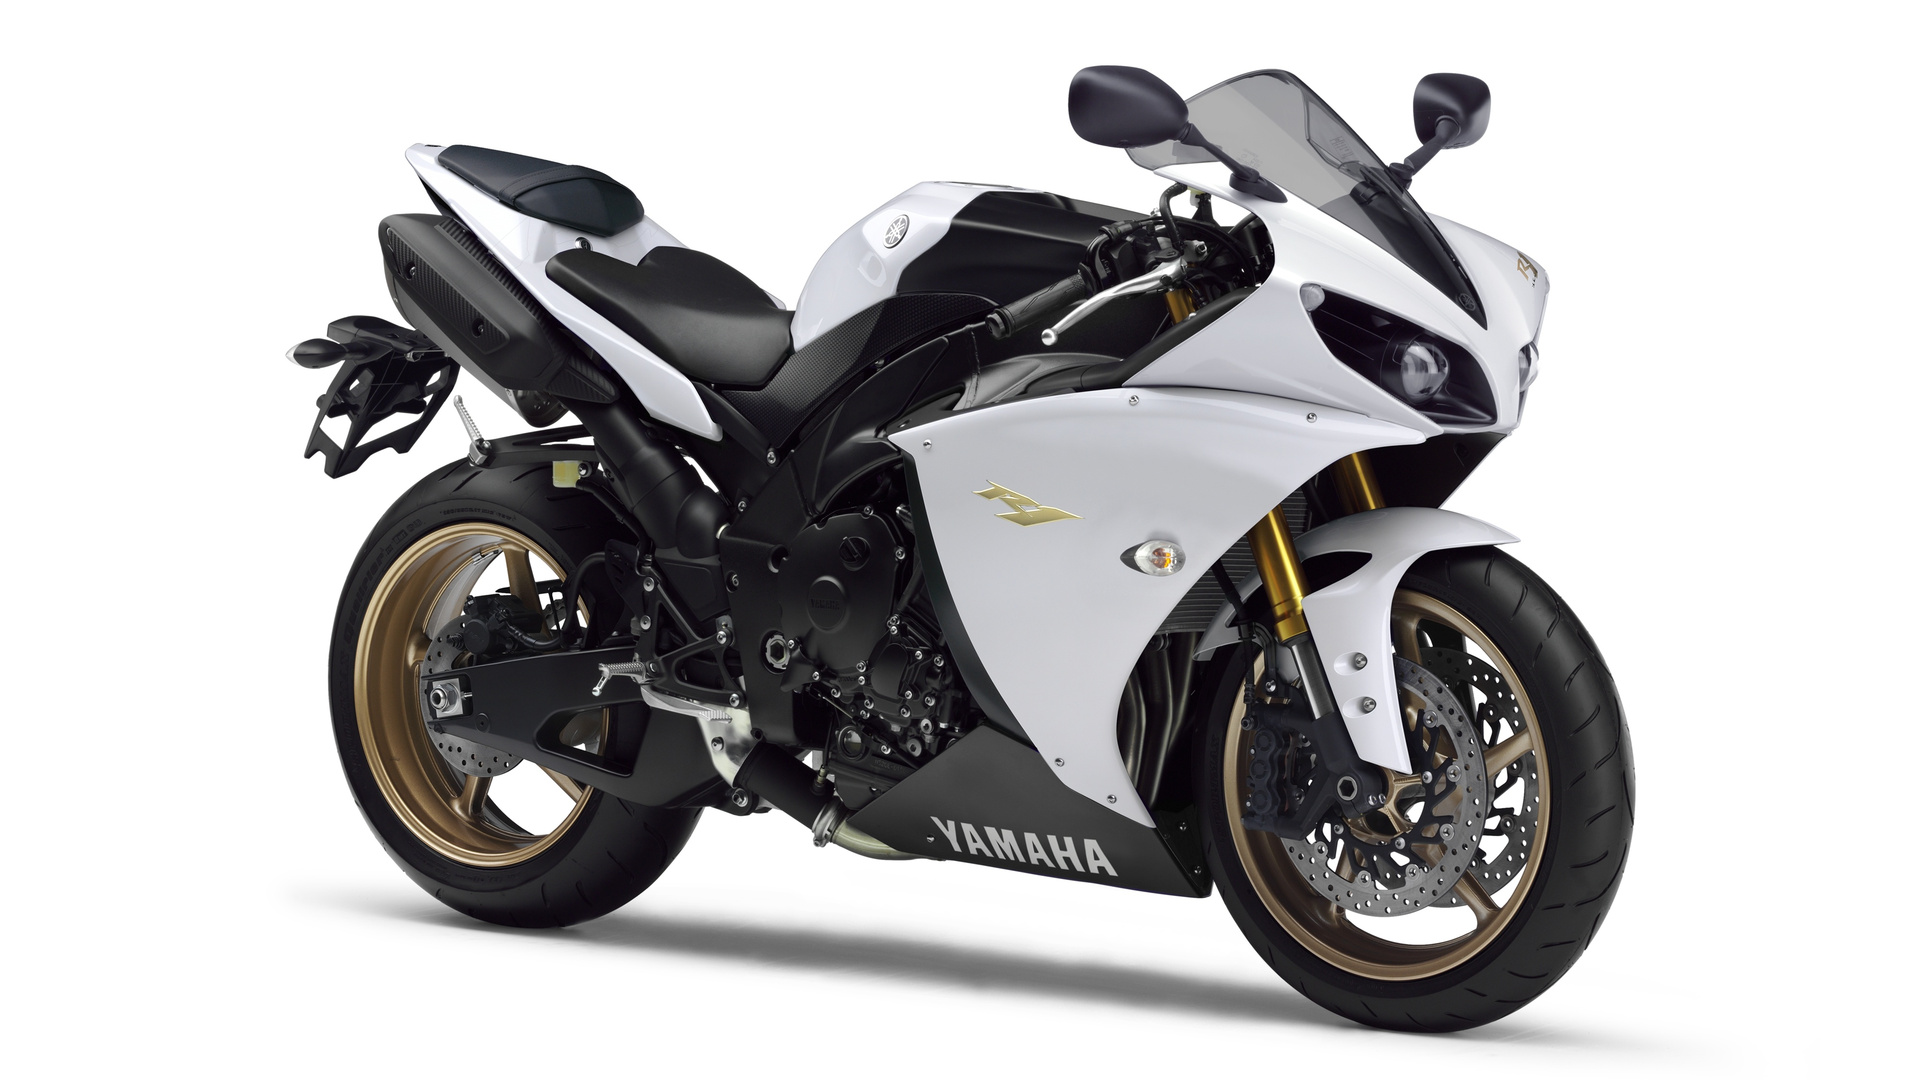 Стоимость перевозки и мотоэвакуации спортивных мотоциклов